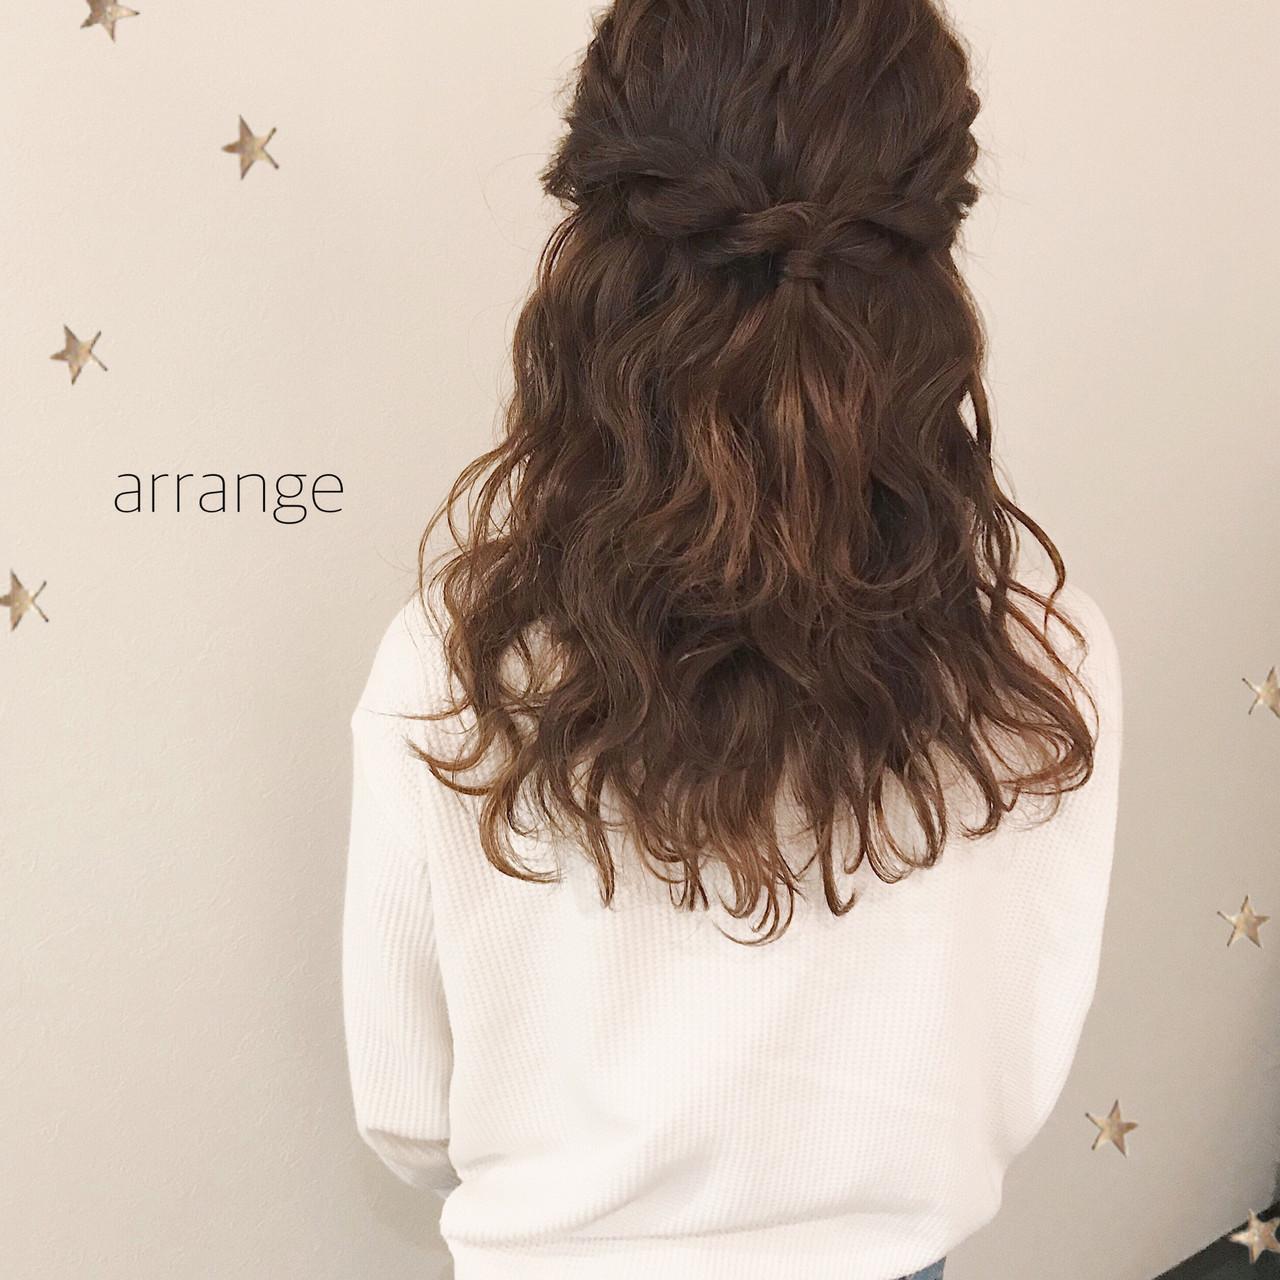 デート ハーフアップ ガーリー 結婚式 ヘアスタイルや髪型の写真・画像 | 市川千夏*札幌 / salon AKIRA